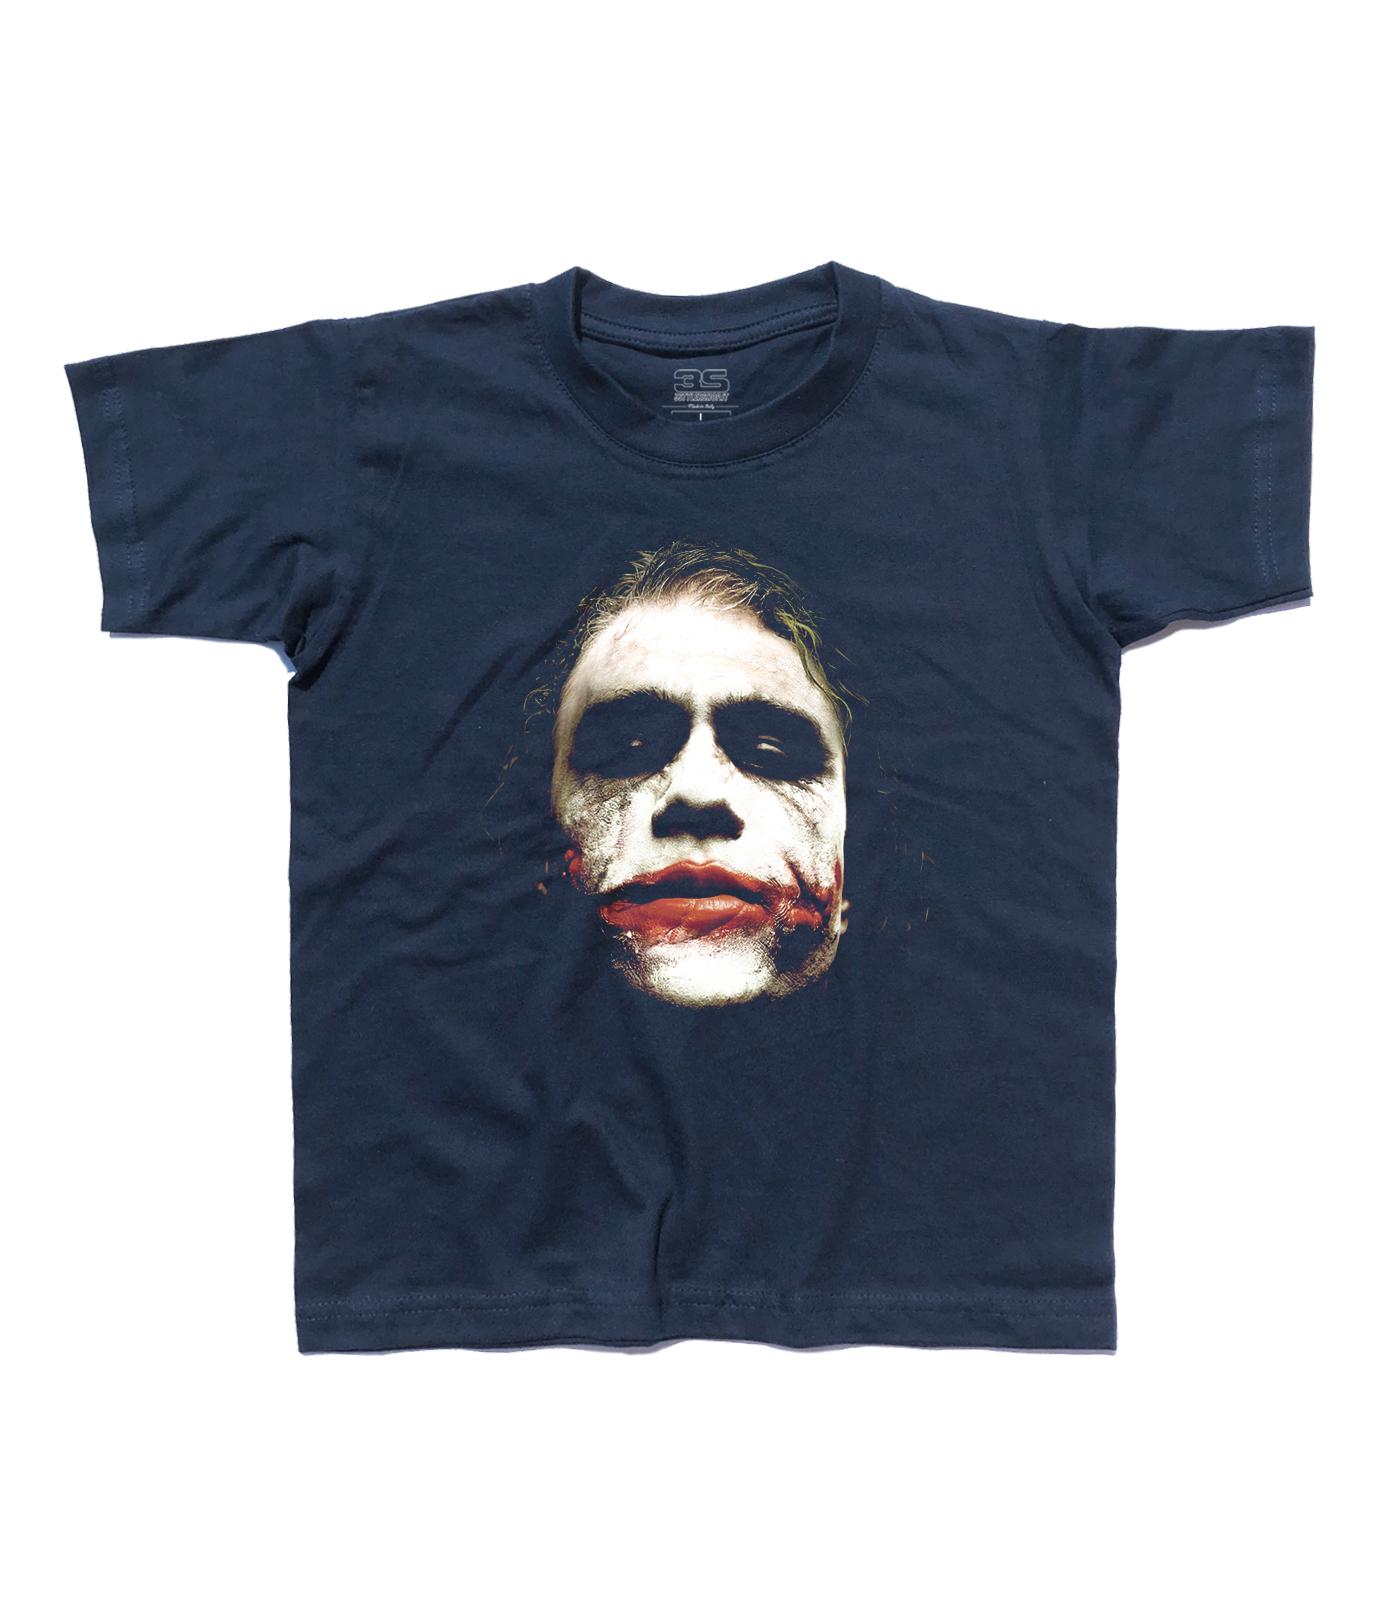 Maglia DC Comics Design Originale Concesso su Licenza Maglietta Girocollo Nero Il Ritorno Logoshirt T-Shirt Il Cavaliere Oscuro Dark Knight Rises